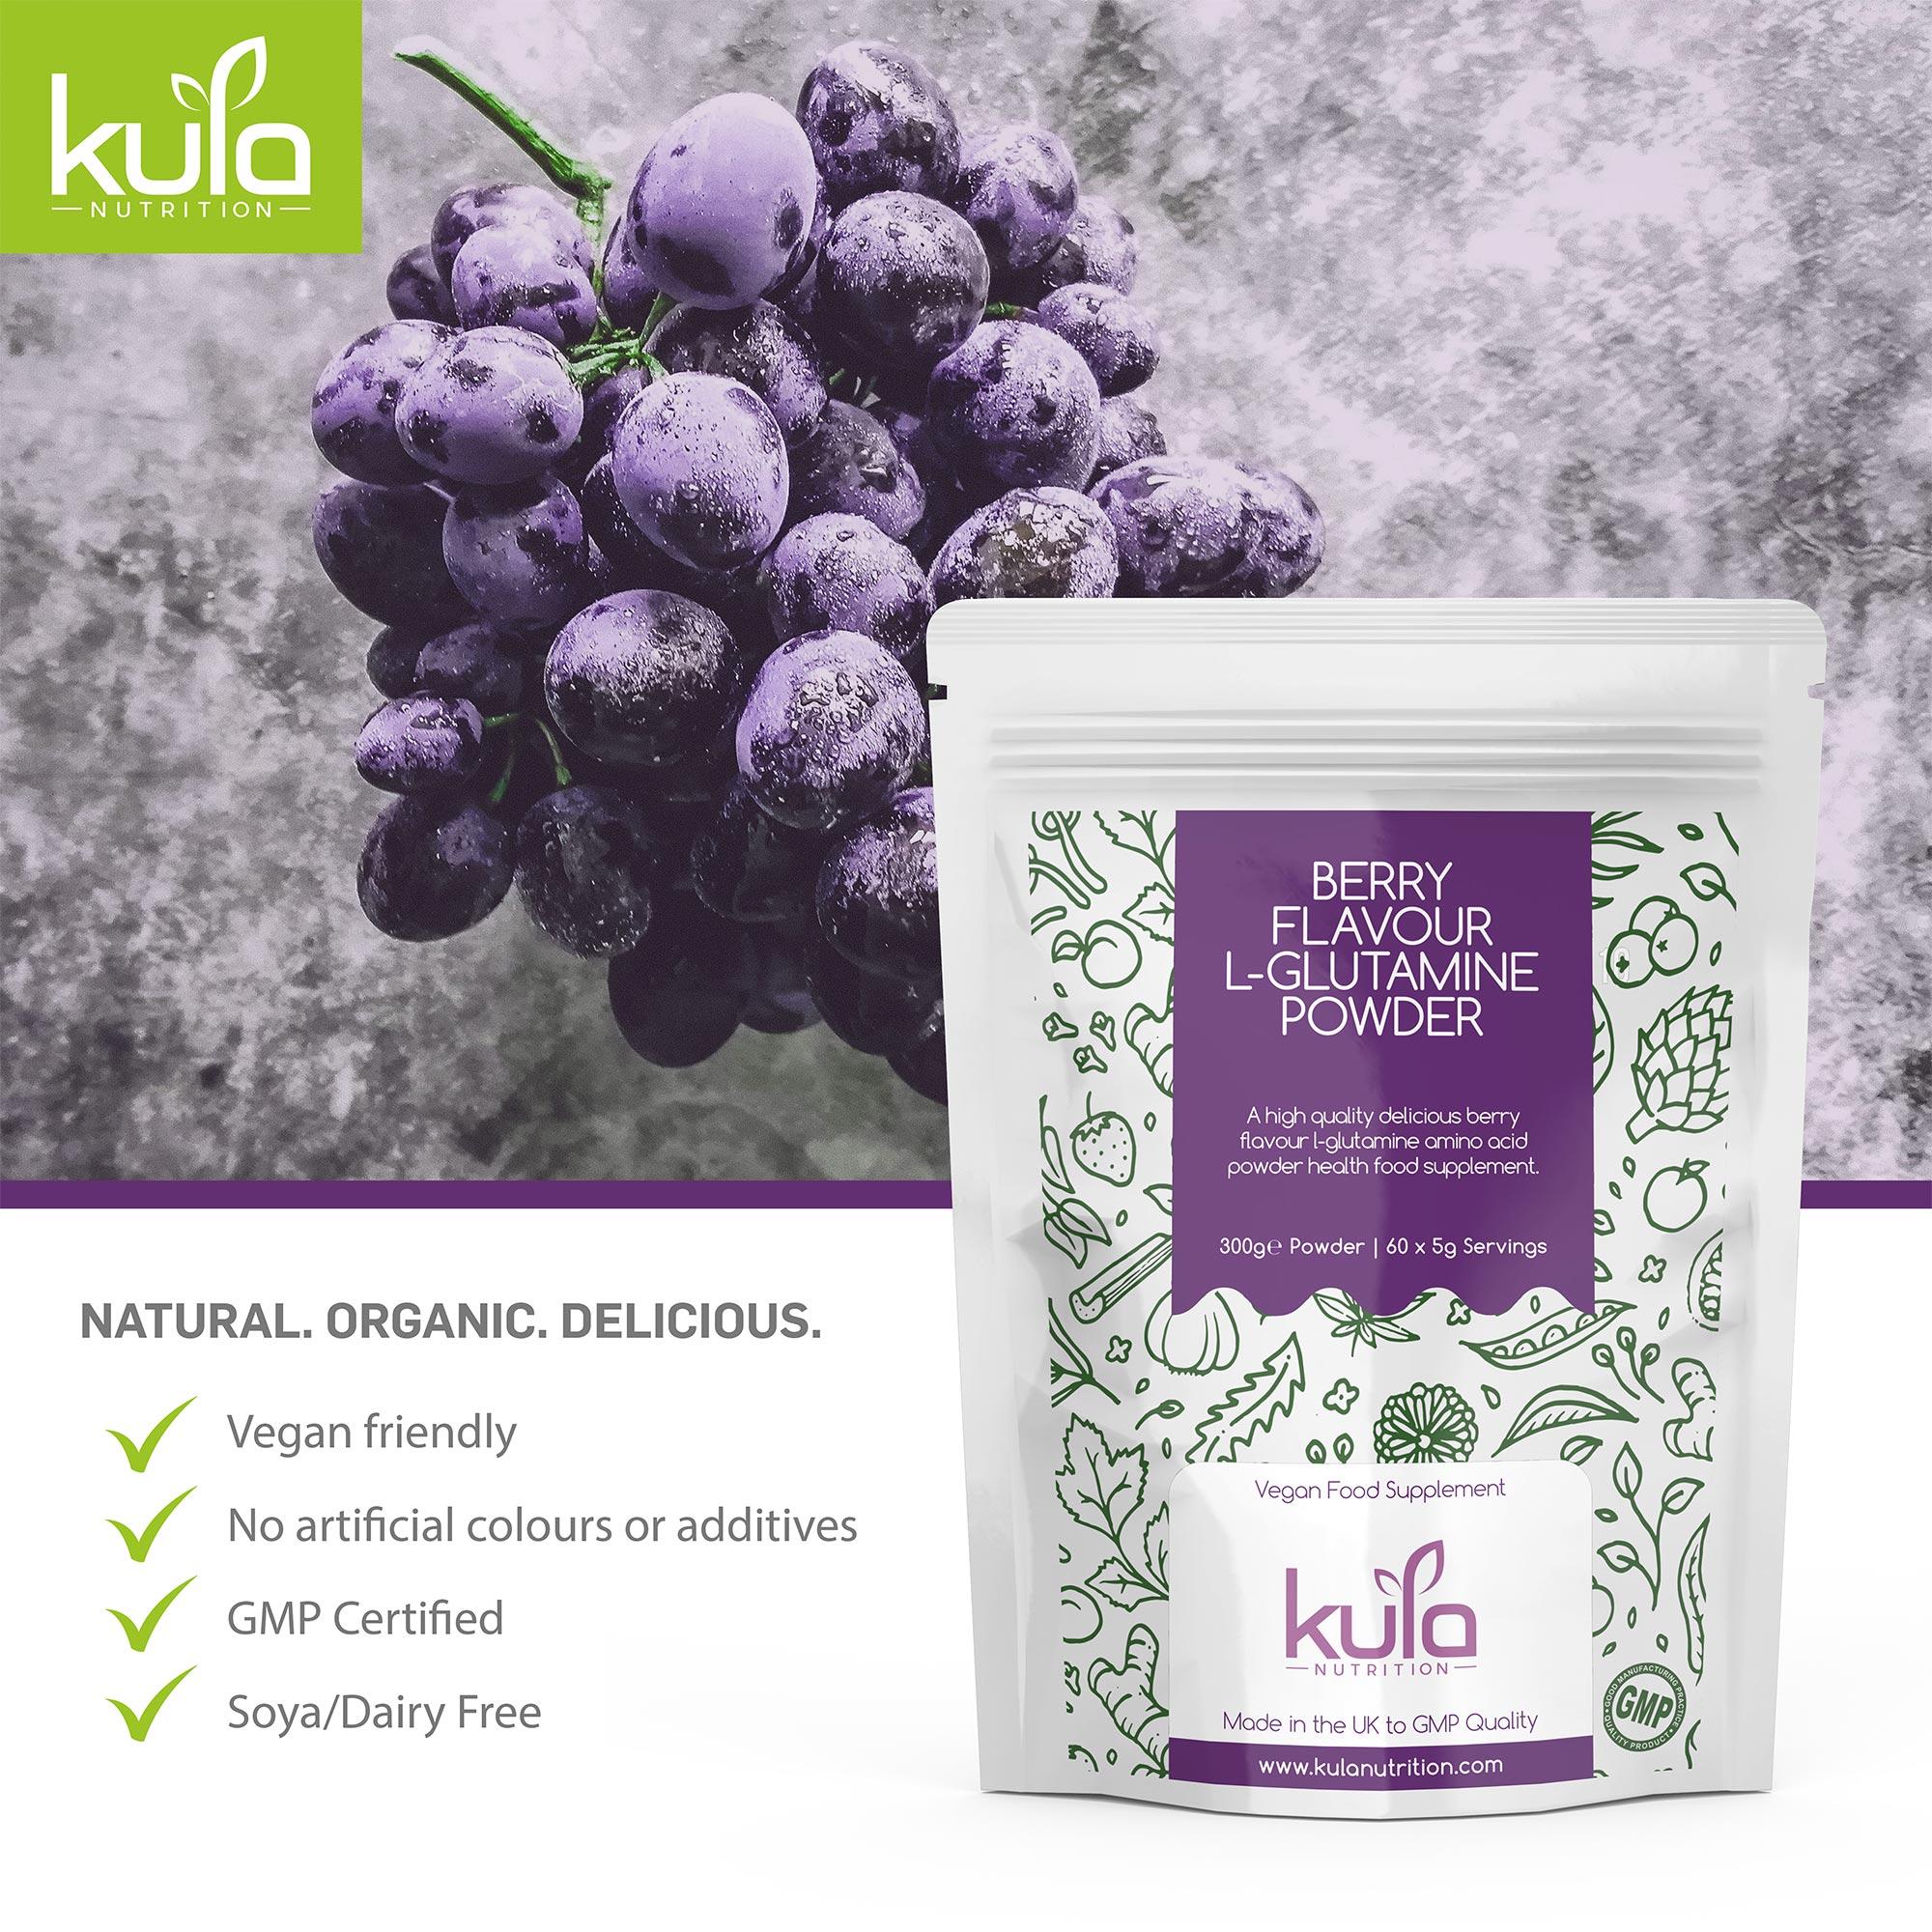 Berry Flavour L-Glutamine Powder Concept 6